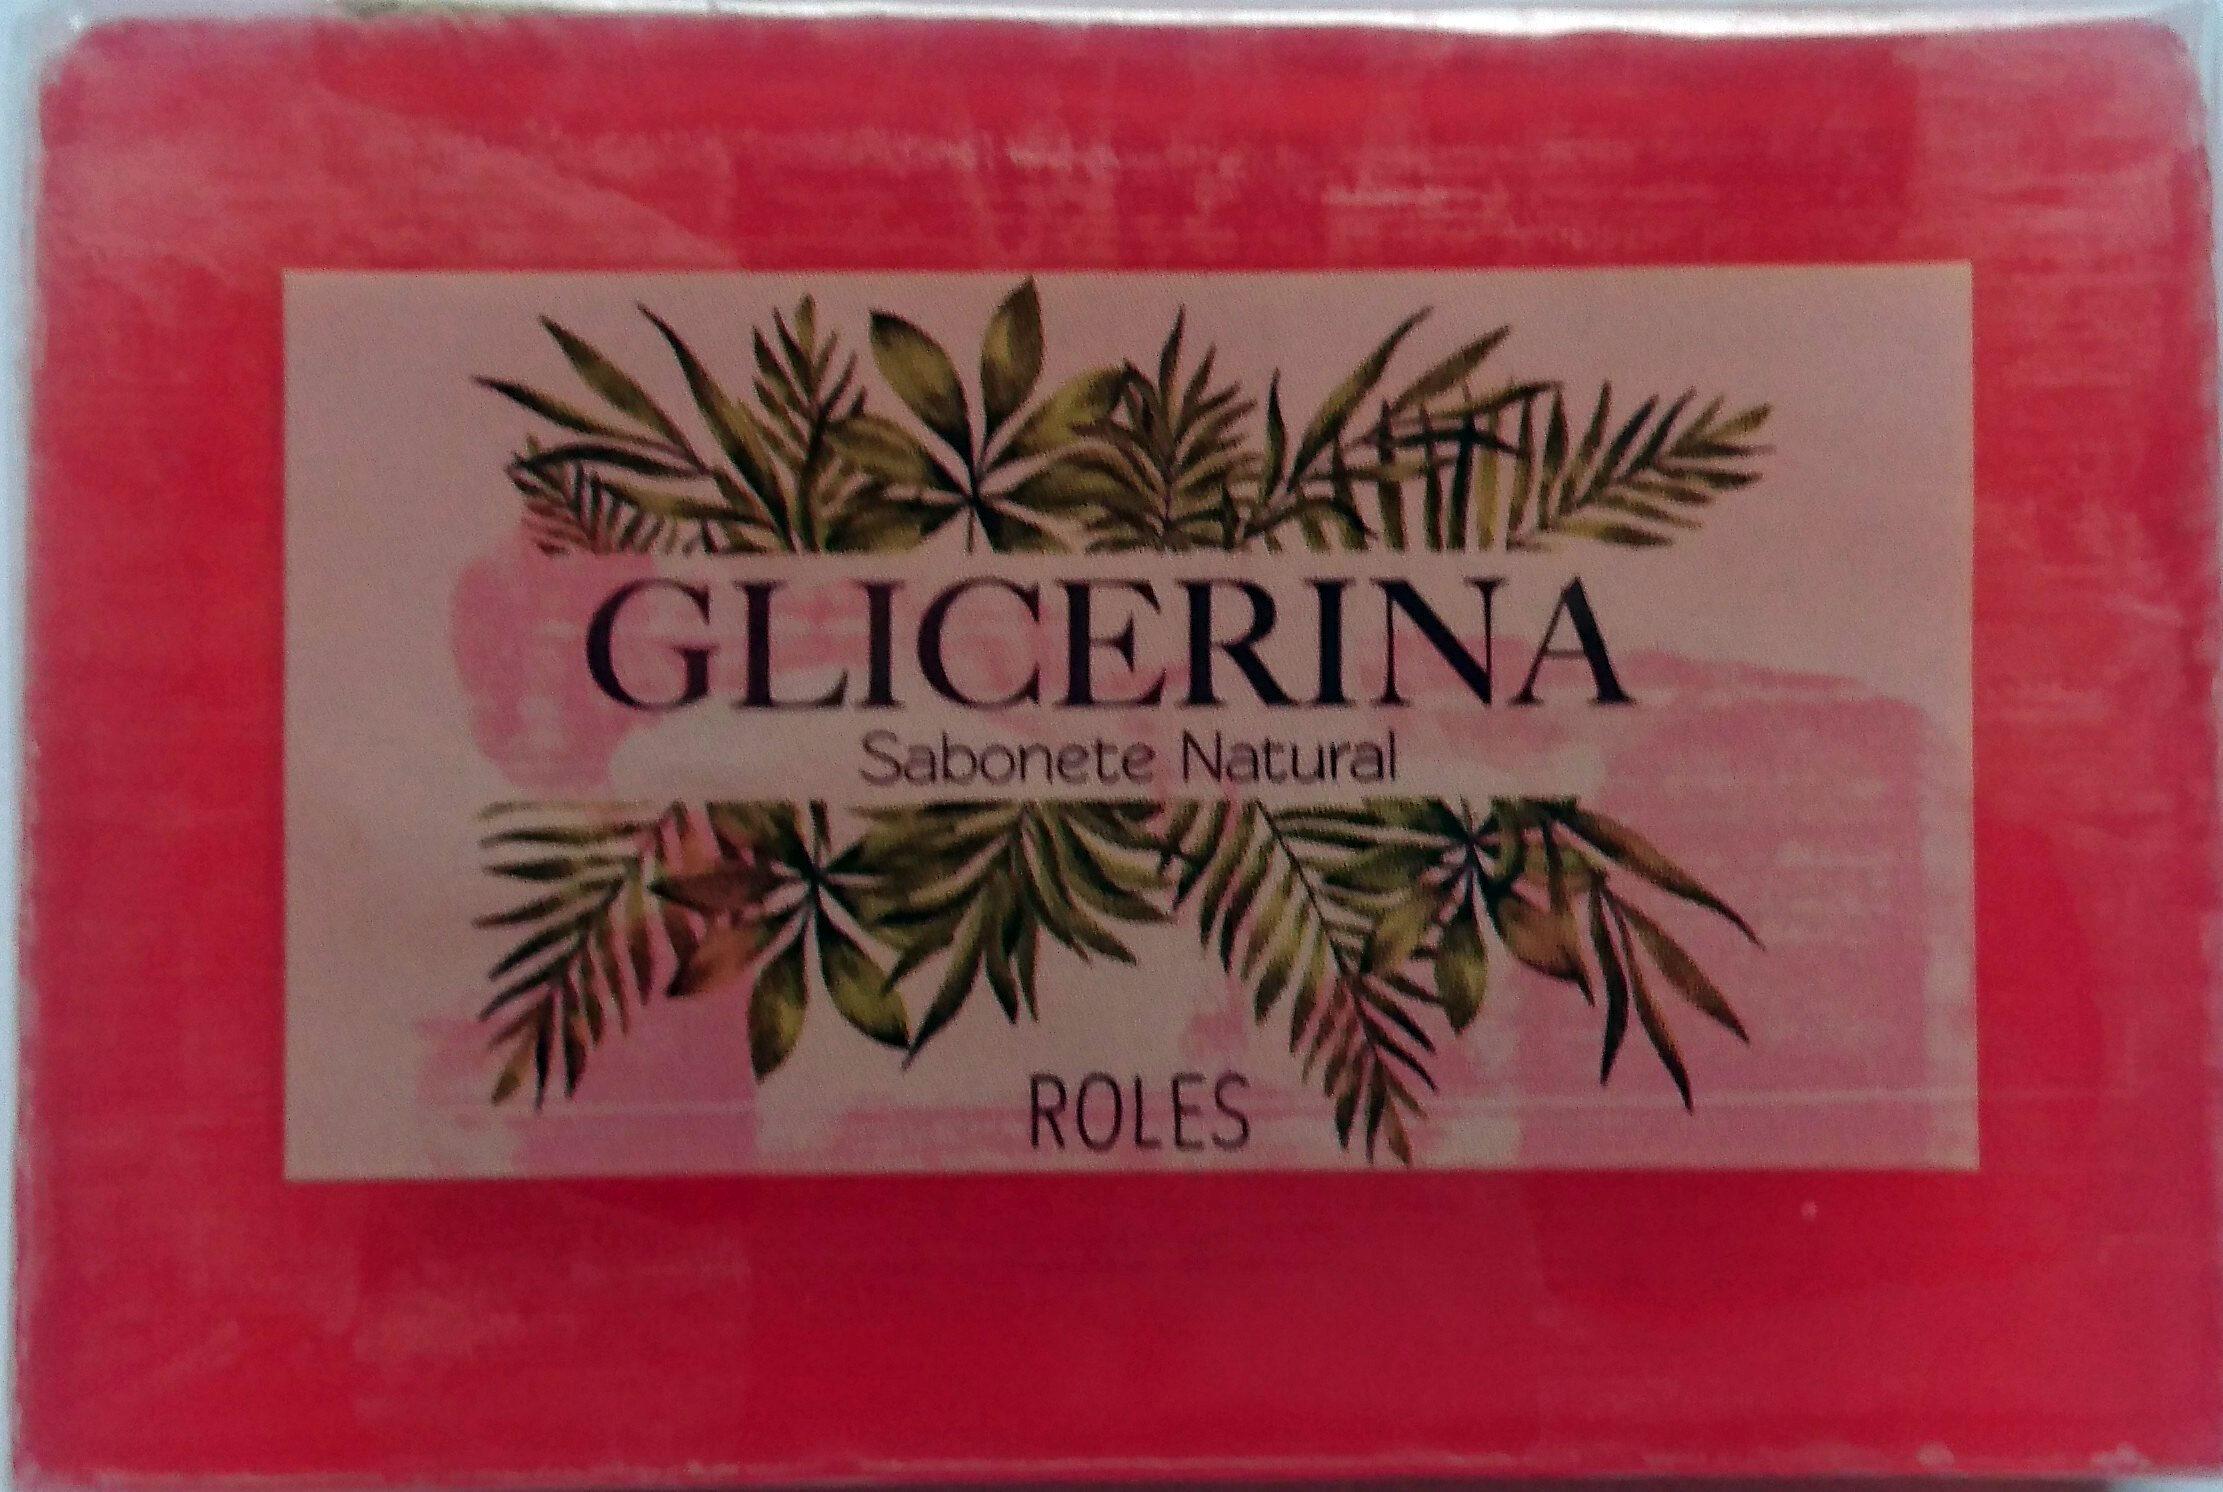 Glicerina Sabonete Natural - Product - en